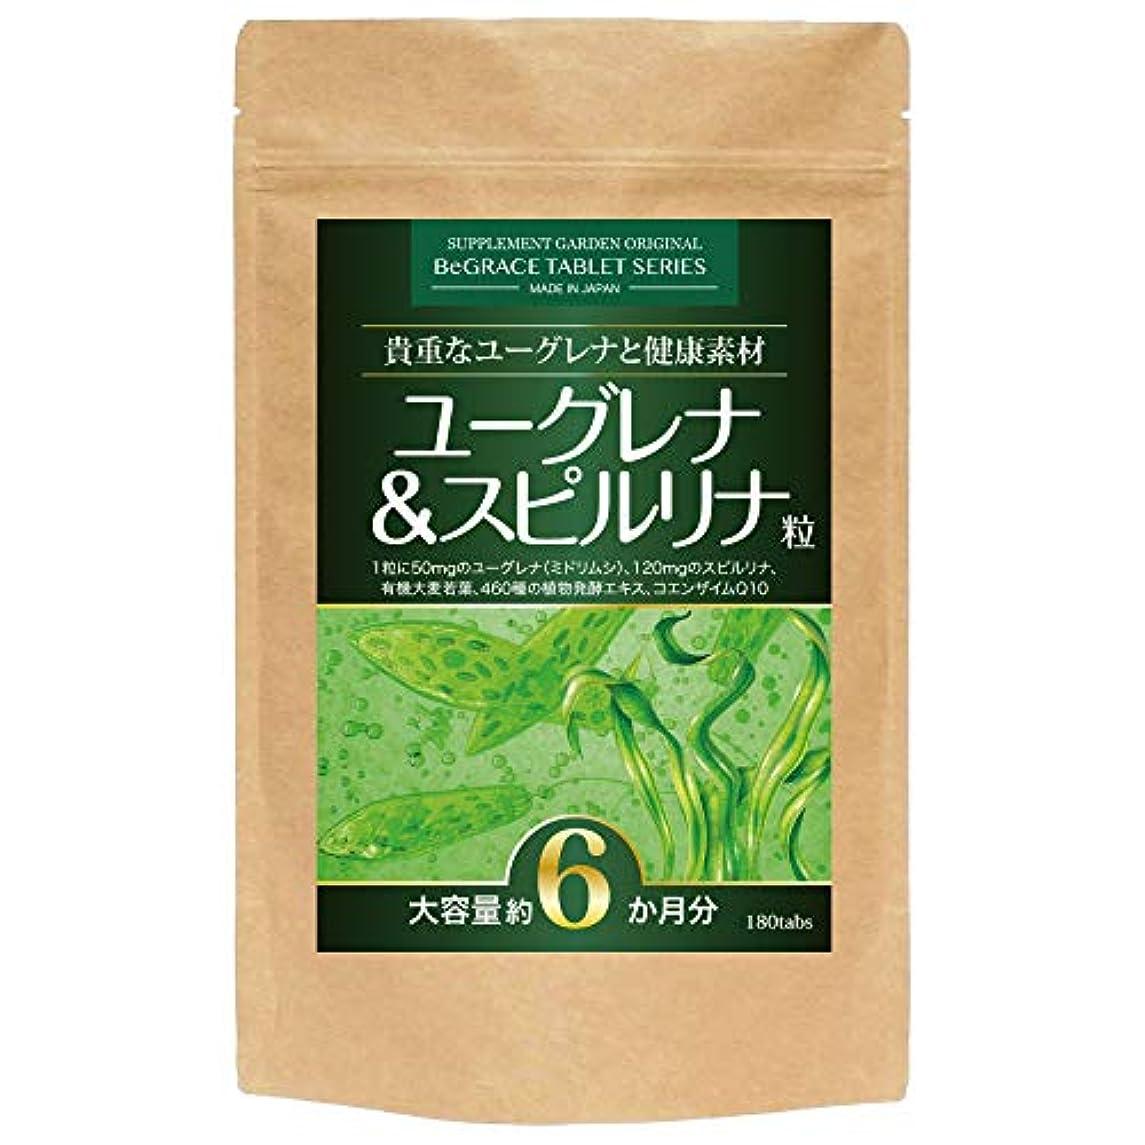 お茶敗北うまくやる()ユーグレナ&スピルリナ粒 大容量約6ヶ月分/180粒(貴重なユーグレナ9000mg、話題のスピルリナ21600mg、有機大麦若葉、460種の酵素&エキス、コエンザイムQ10、6種のミネラル、カルシウム、ビタミン配合)